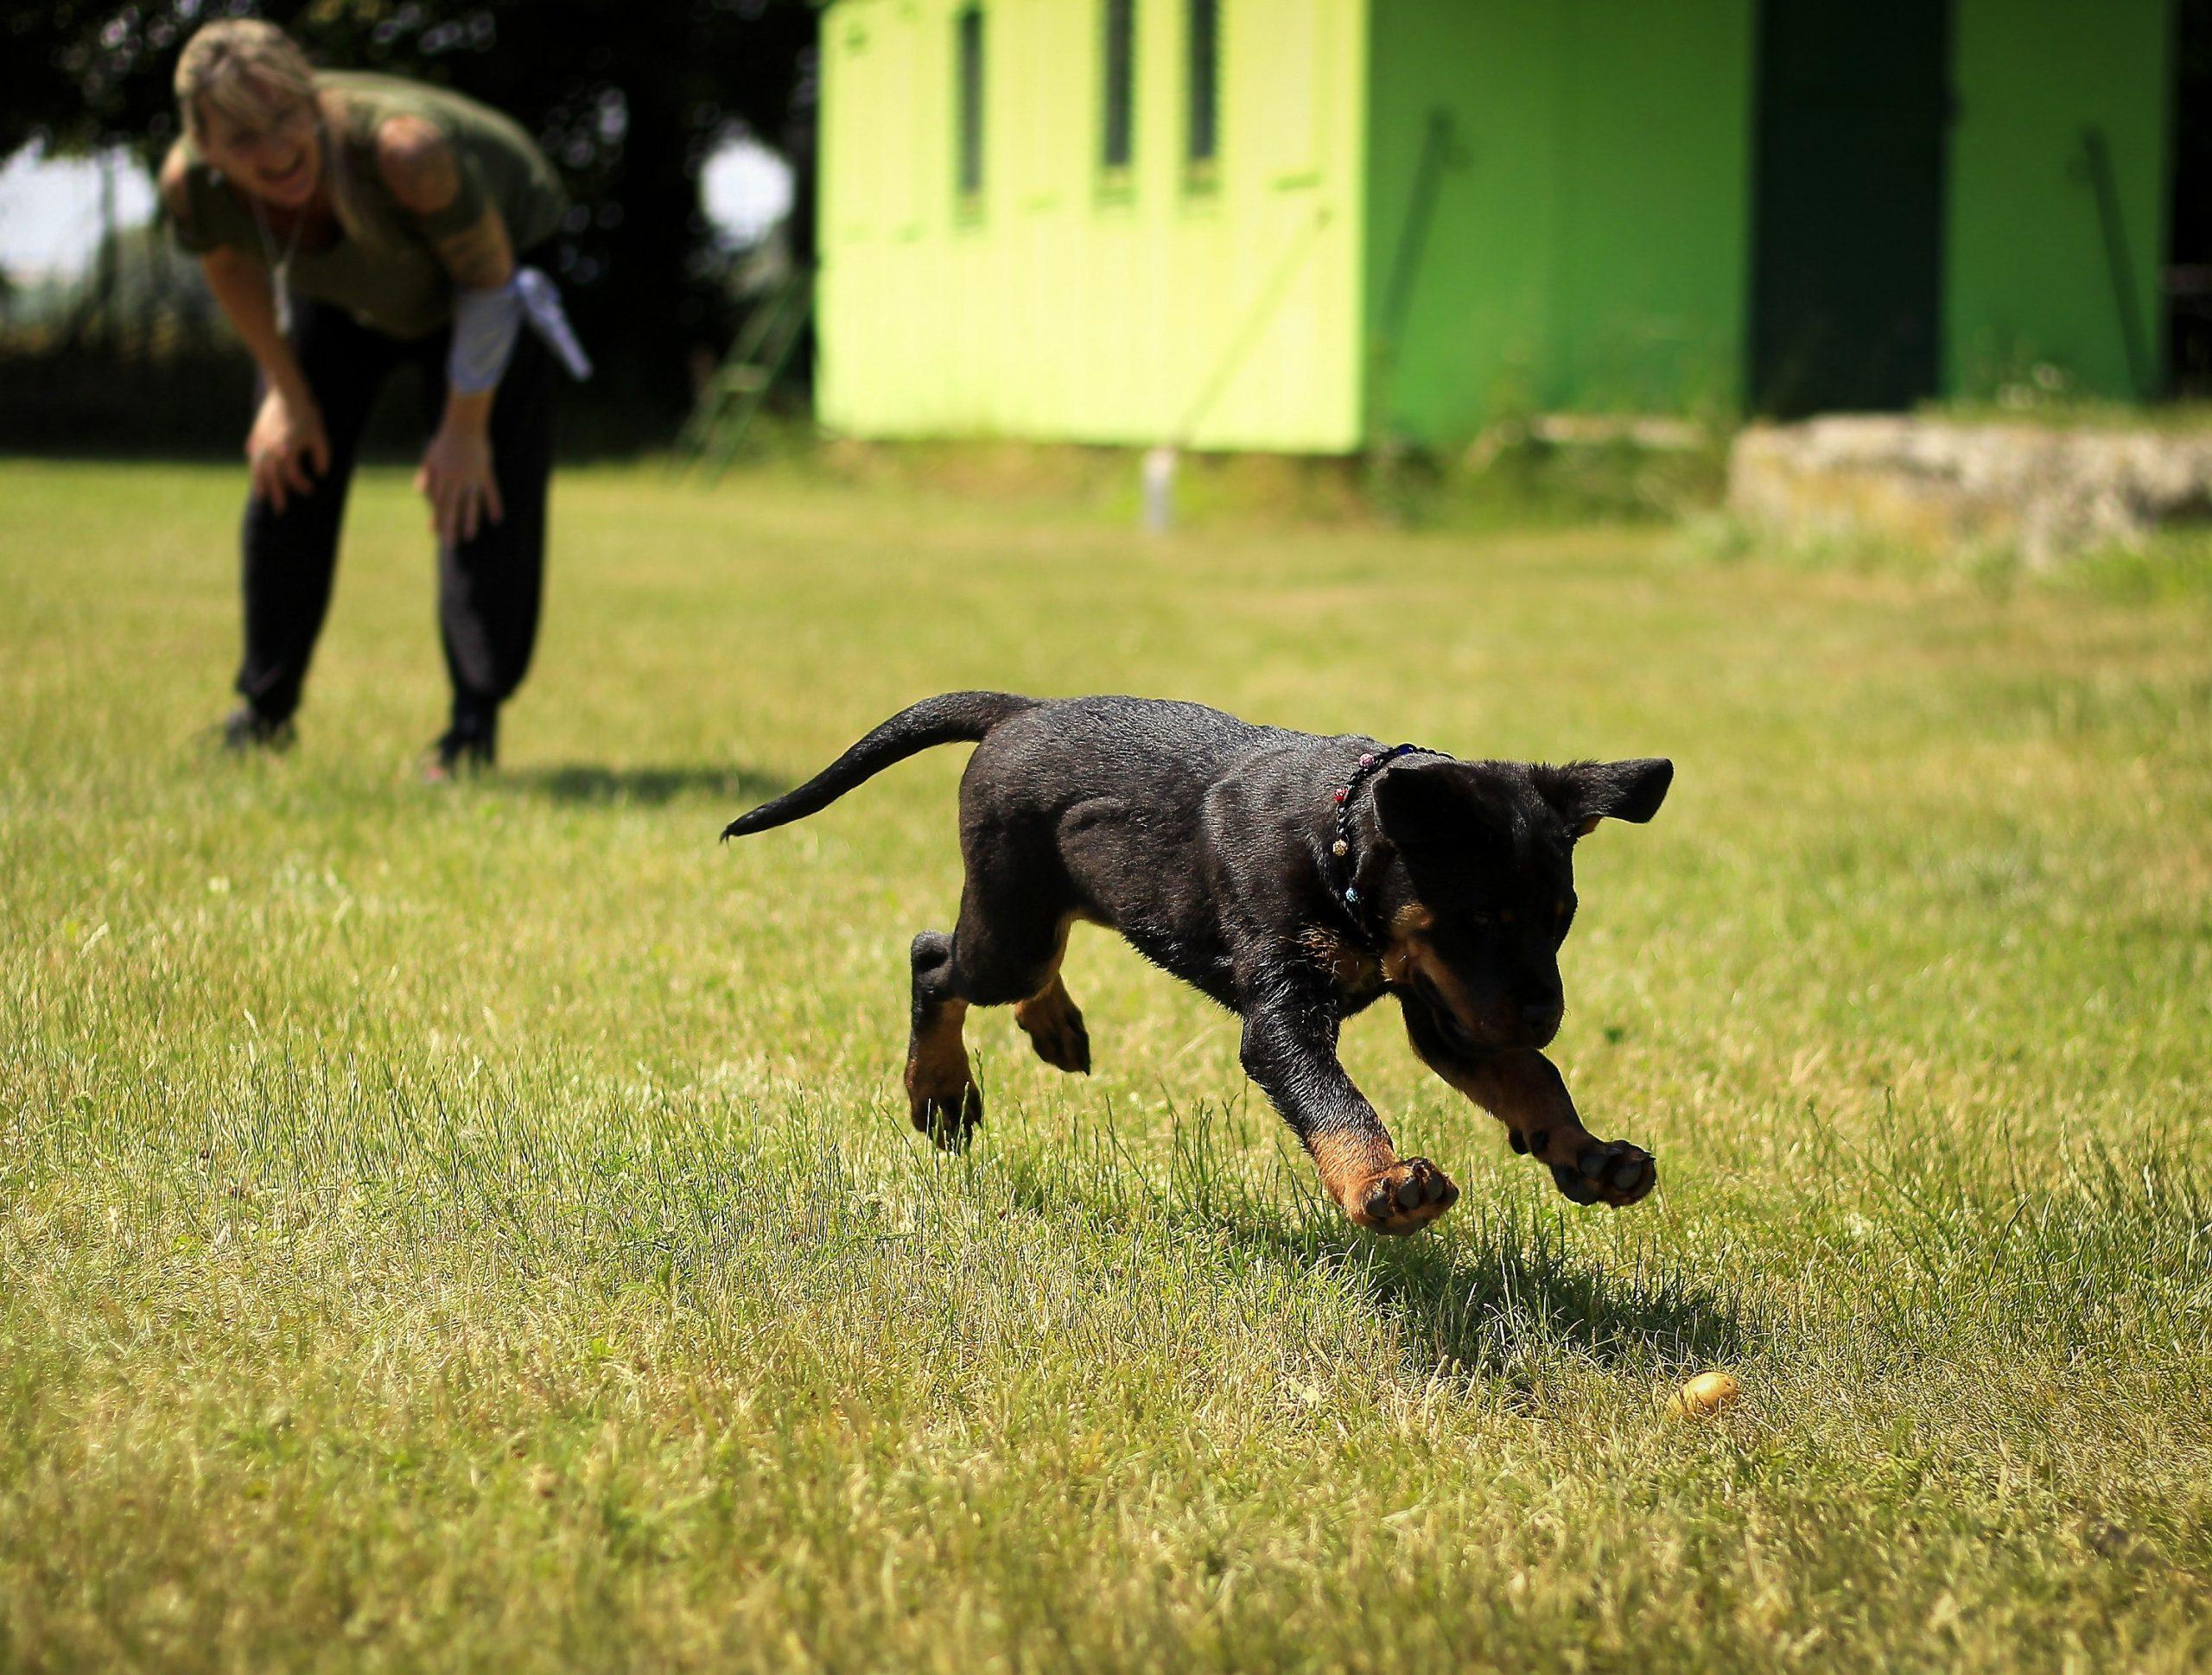 Perro jugando con su dueño al aire libre